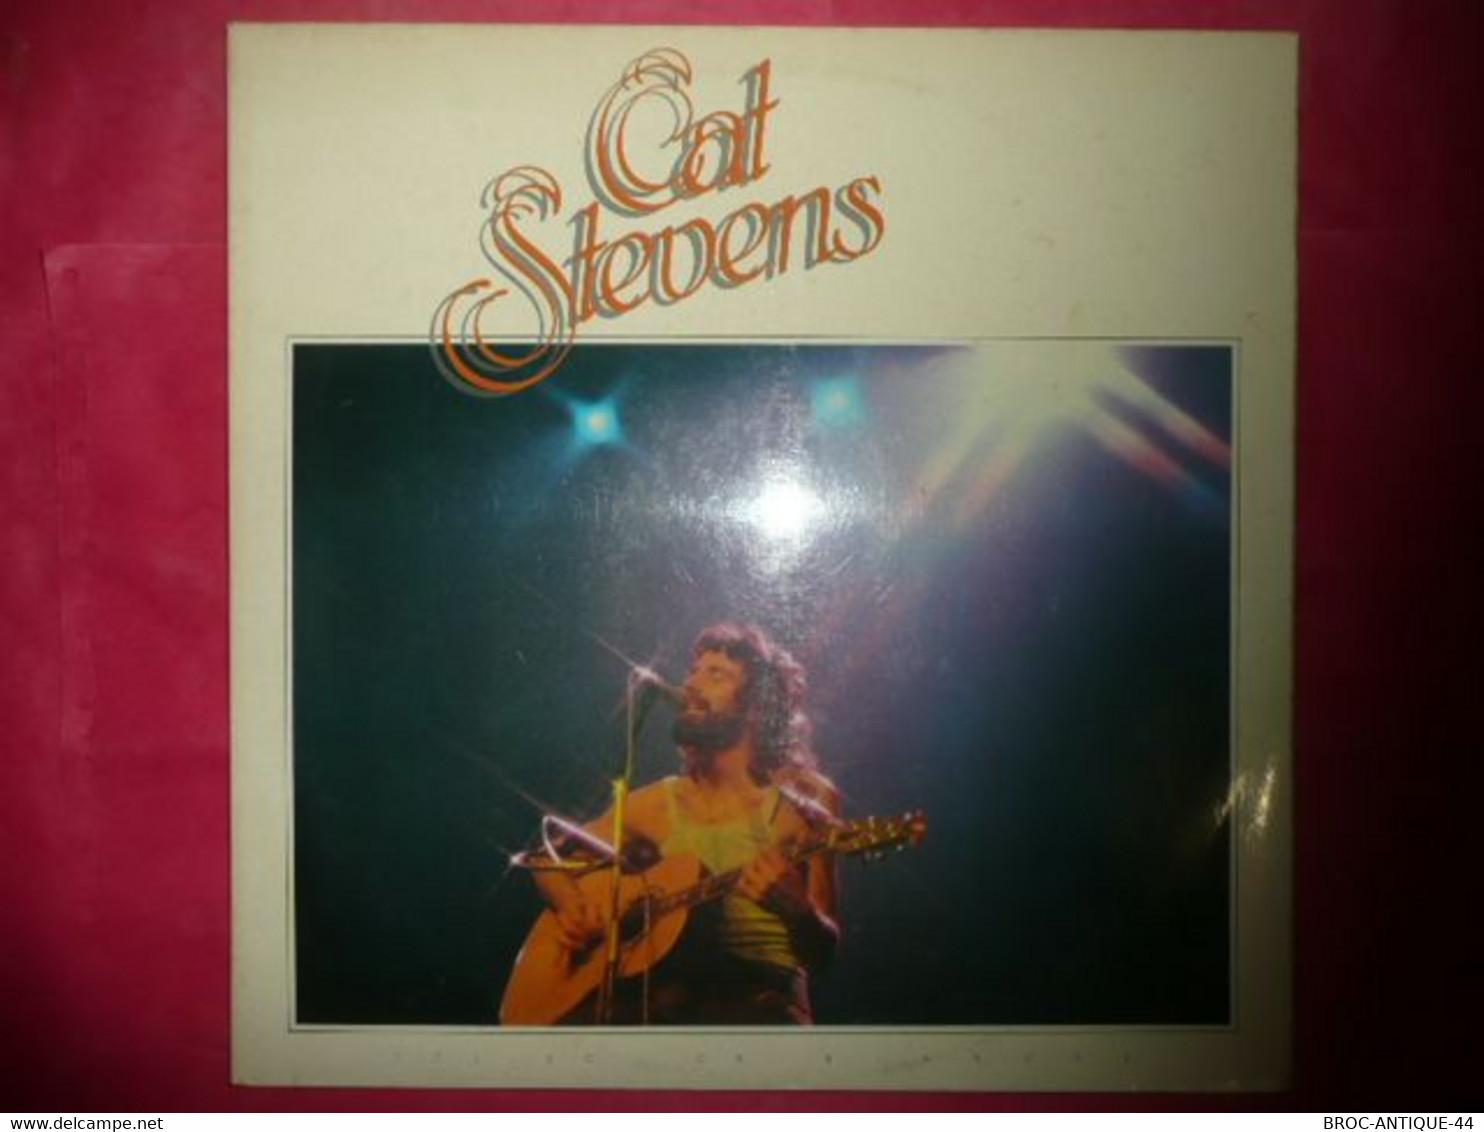 LP33 N°7072 - CAT STEVENS - 261015/16 - 2LP'S - Rock